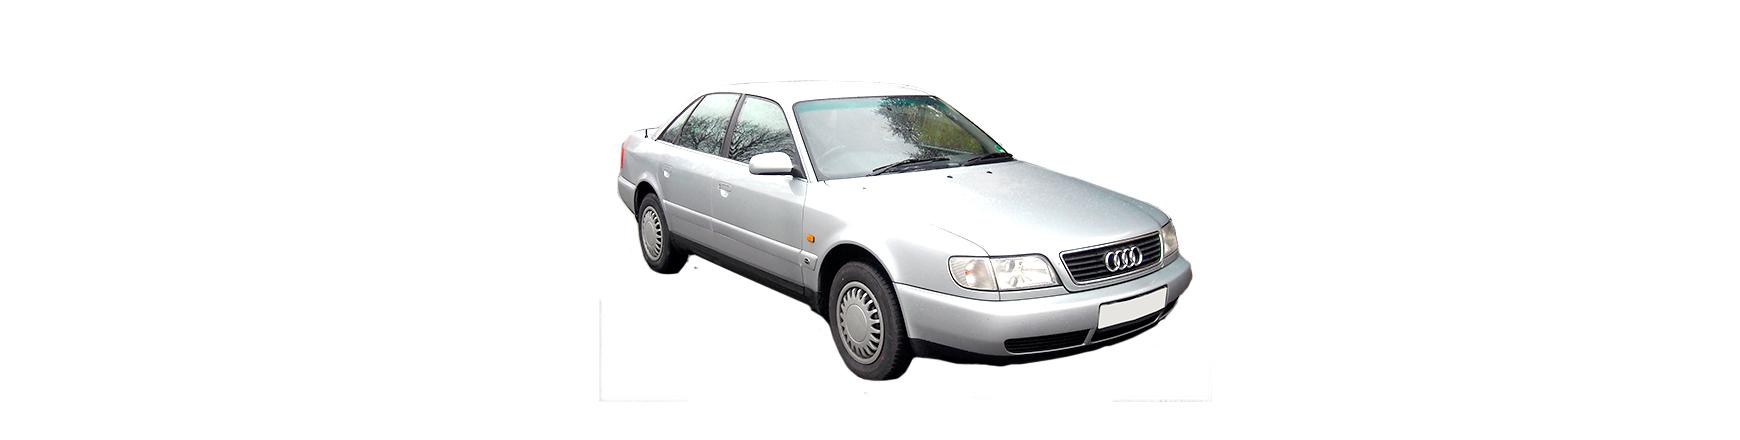 Audi A6 de 1994 a 1997. Recambios nuevos para su coche. Envío urgente.